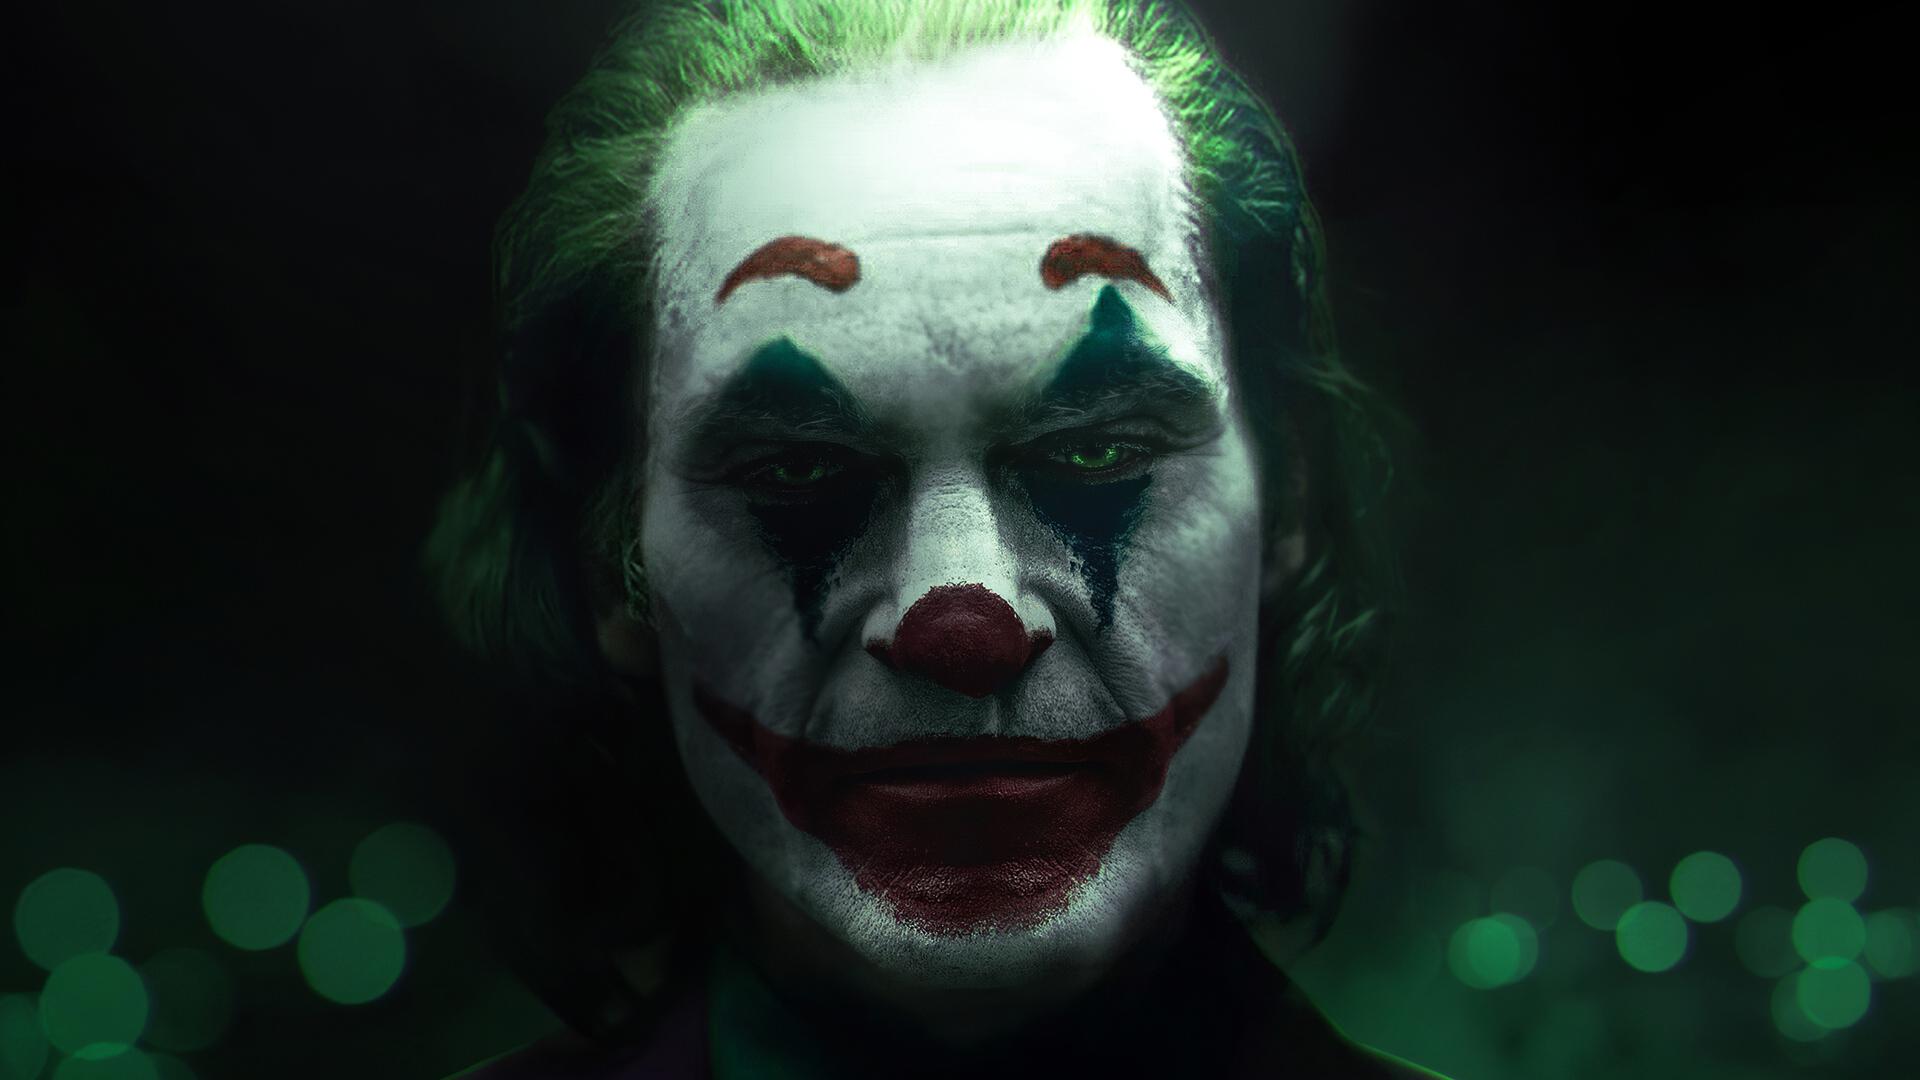 Joker Background Photos HD Wallpapers 1920x1080